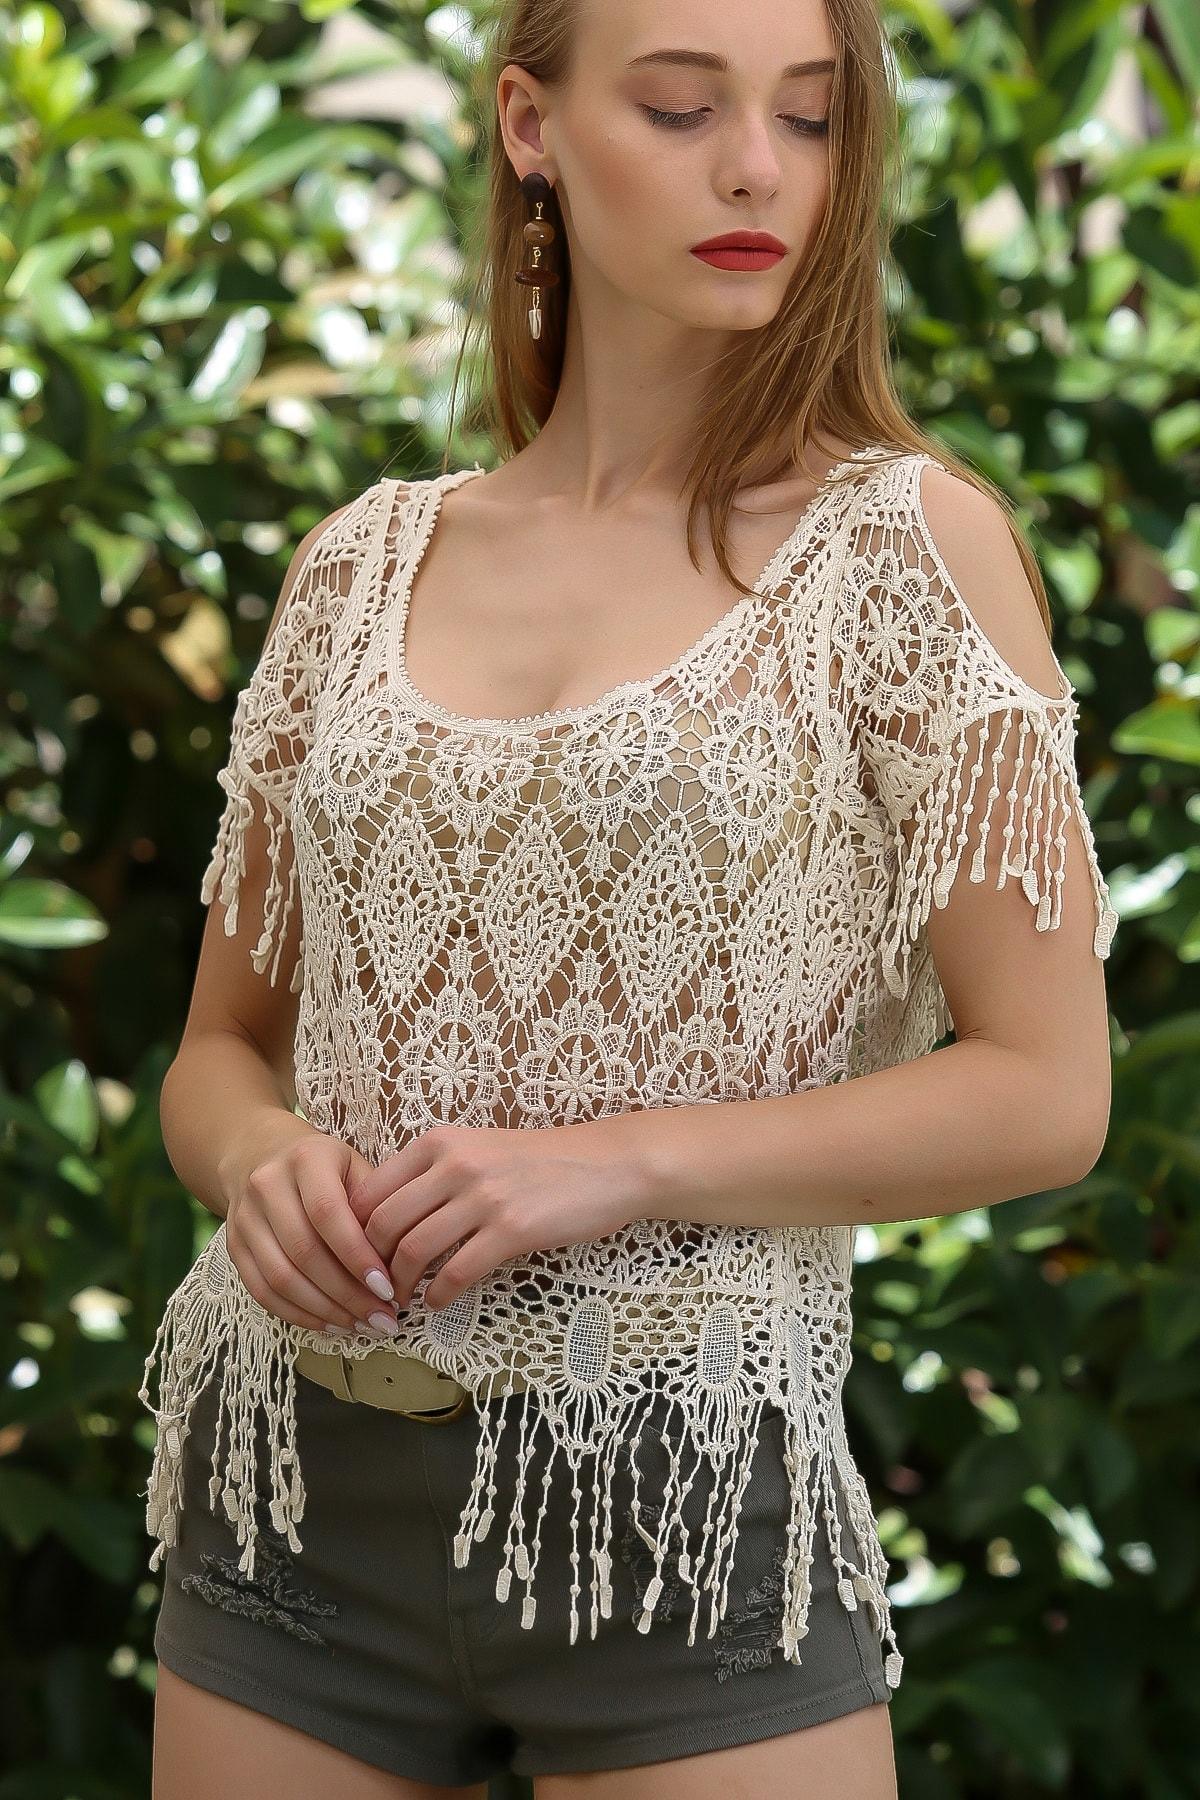 Chiccy Kadın Krem Vintage Çiçek Desenli Omuzları Pencereli Crop Tığ Işi Görünümlü Bluz M10010200BL96104 3